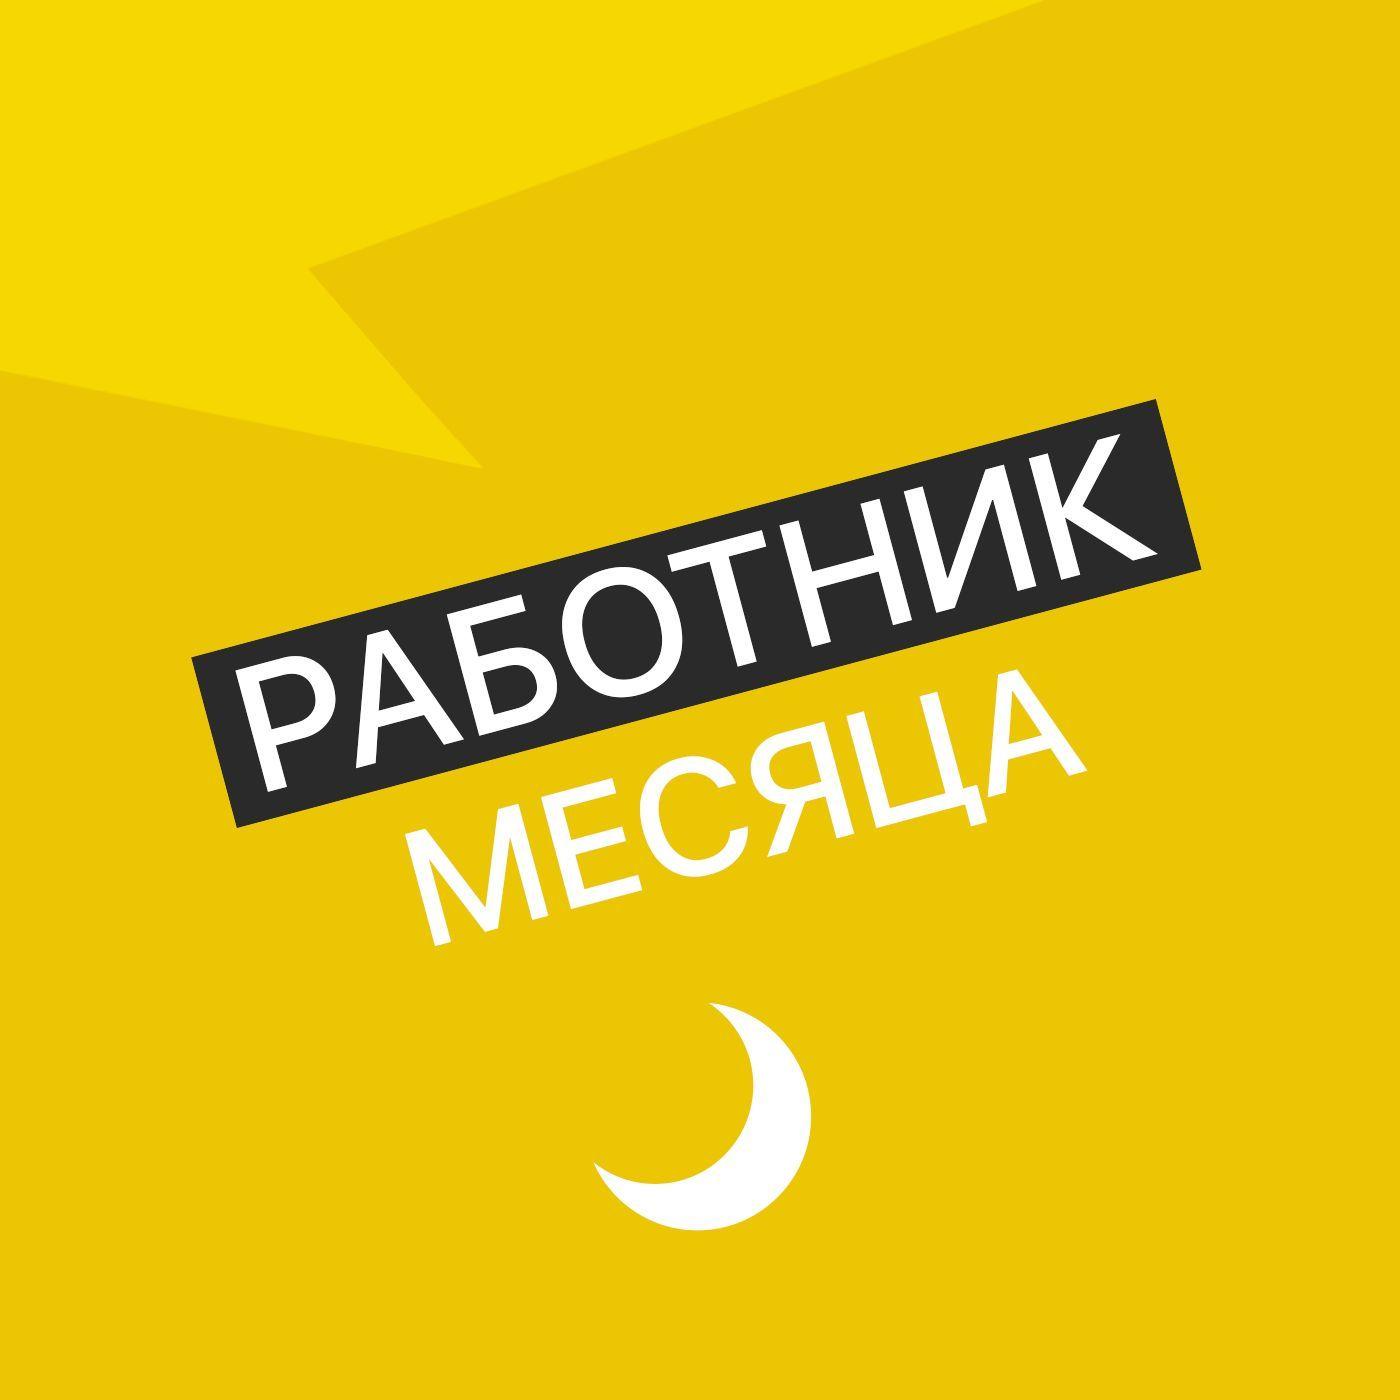 Режиссер рекламных роликов